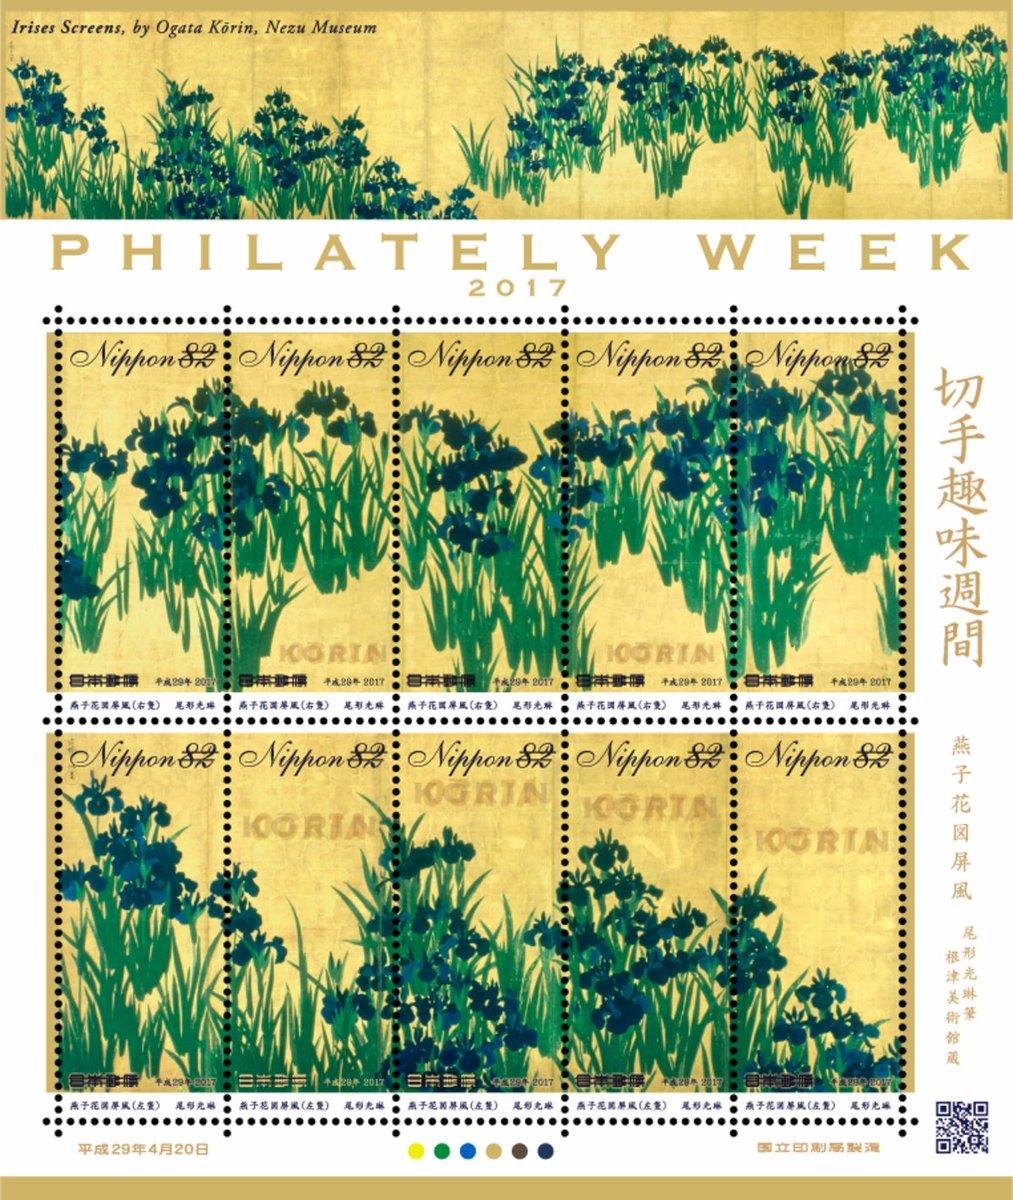 「切手趣味週間」切手が、4月20日(木)から全国の郵便局で発売になります。今年の切手デザインは、尾形光琳の「燕子花図屏風」(根津美術館蔵)で、六曲一双屏風に描きだされた燕子花の一部を切手に配しています。